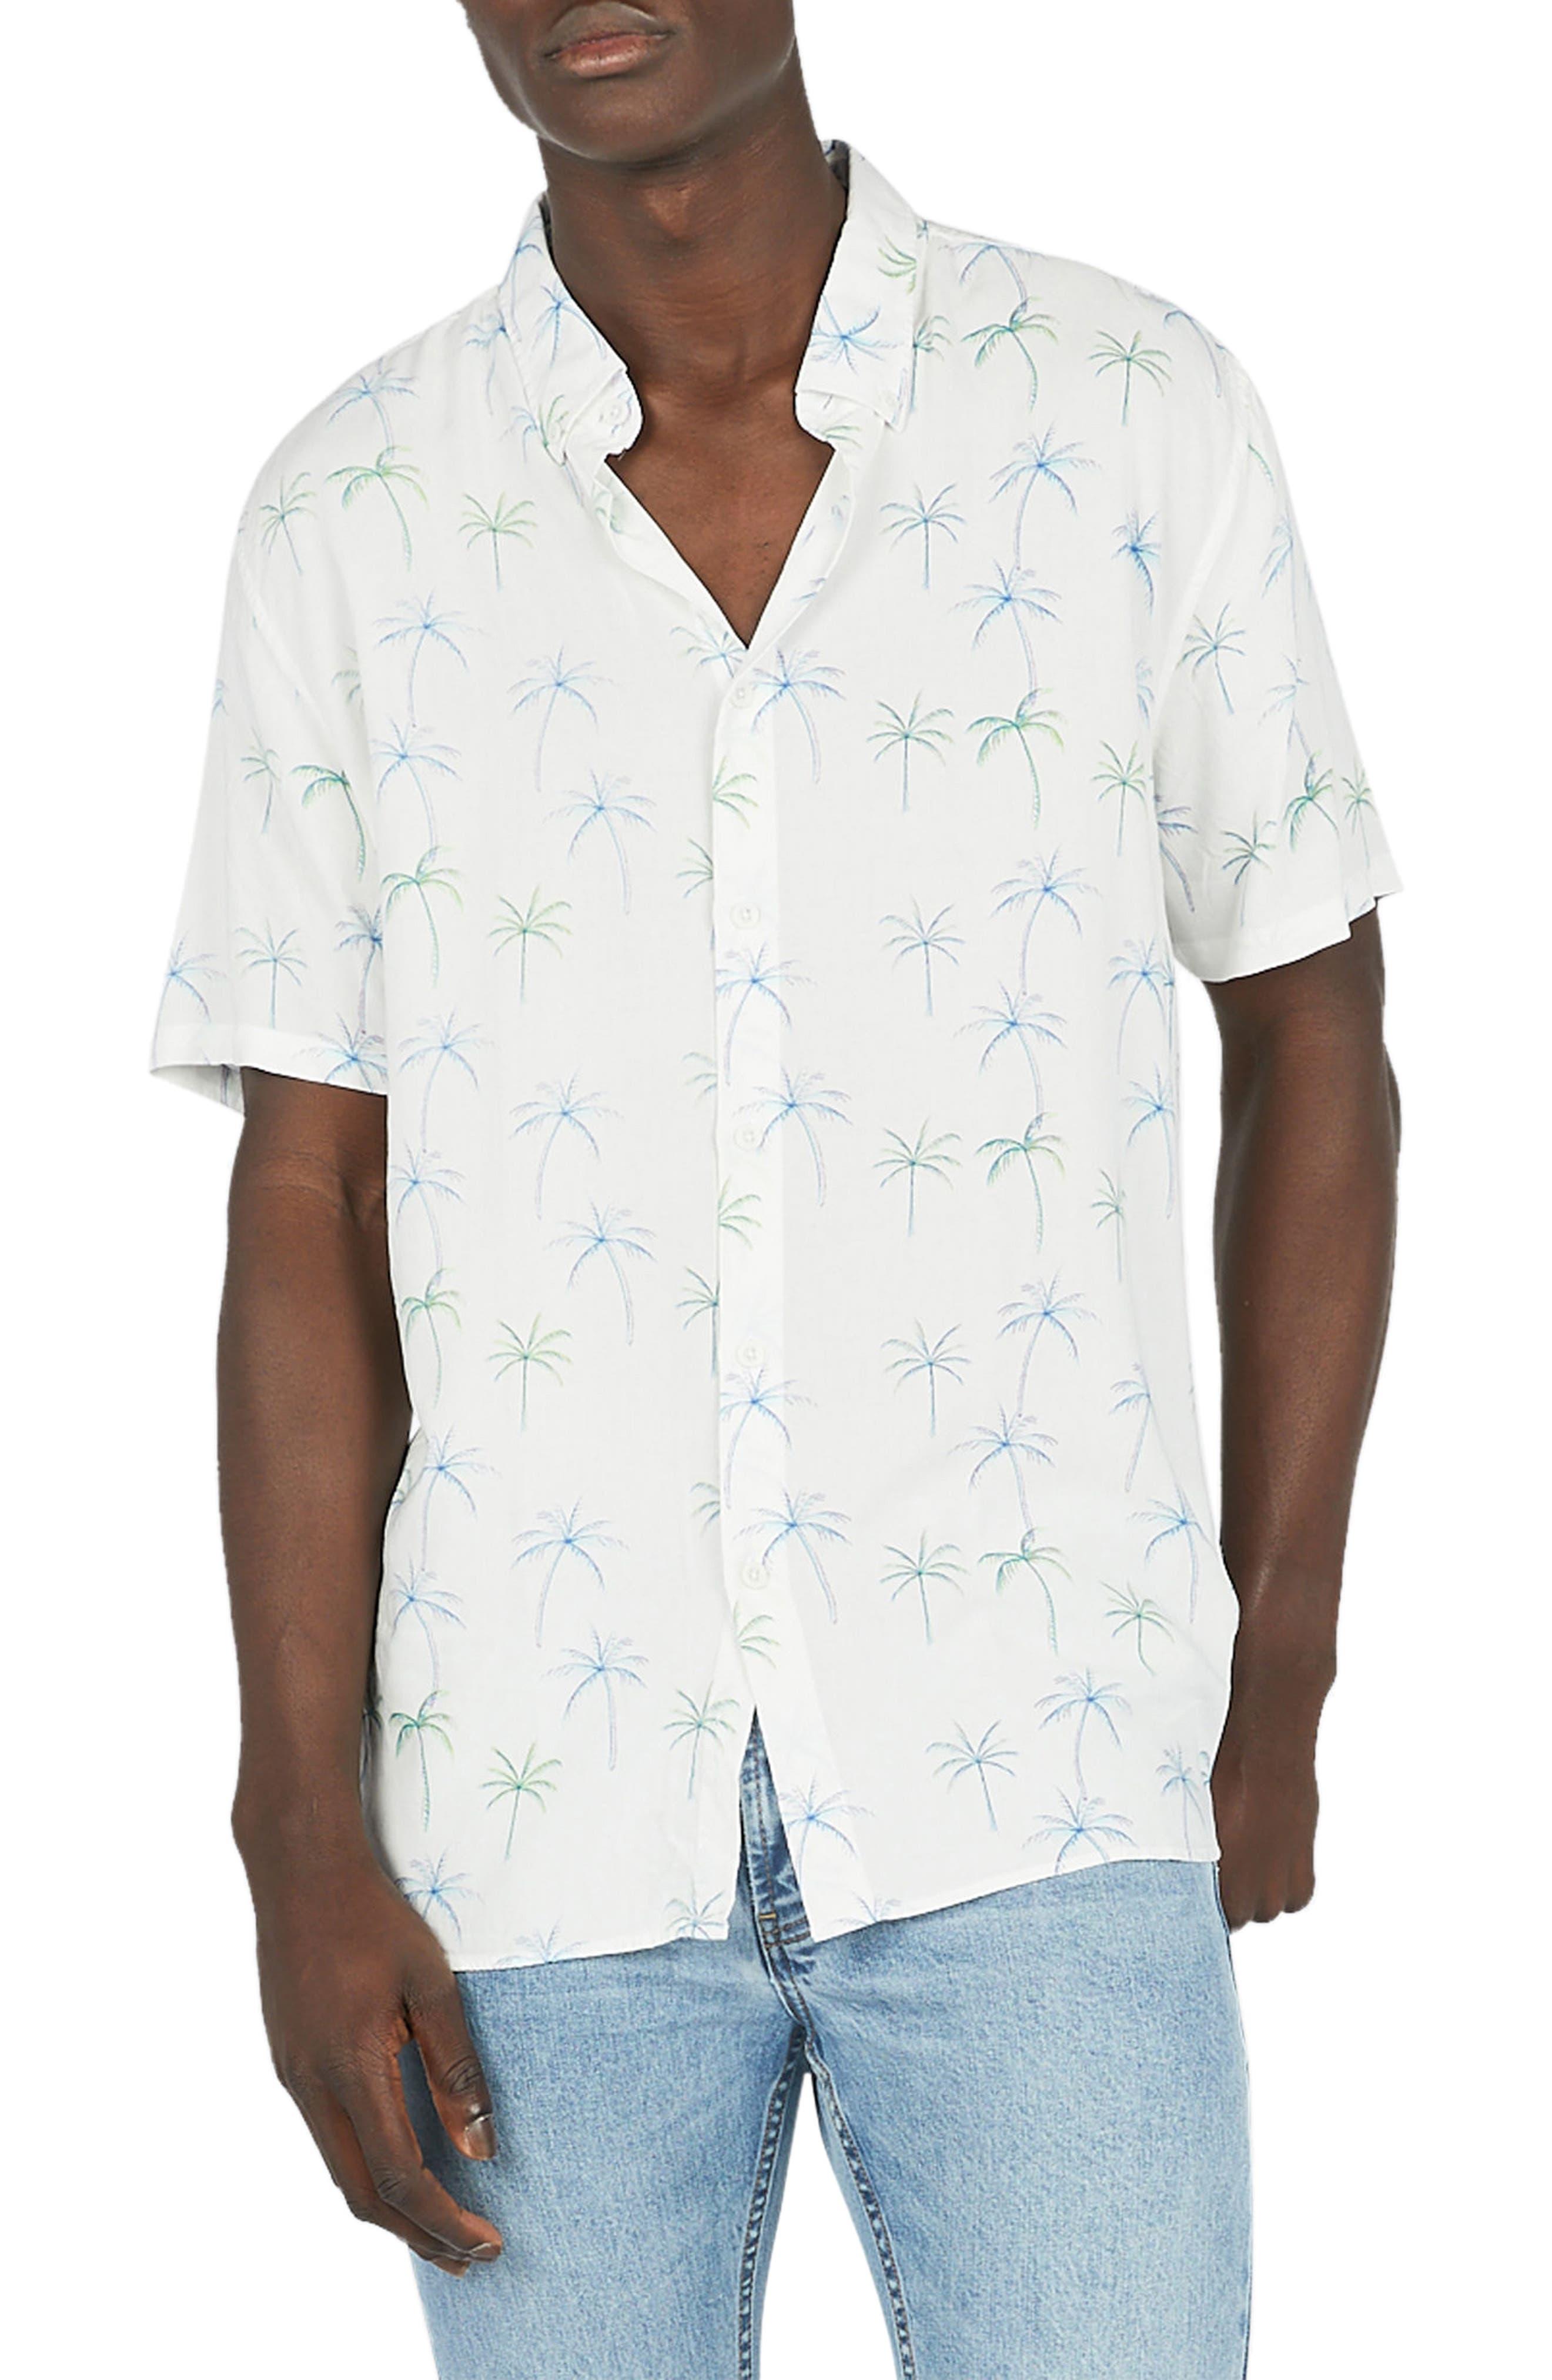 Holiday Woven Shirt,                             Main thumbnail 1, color,